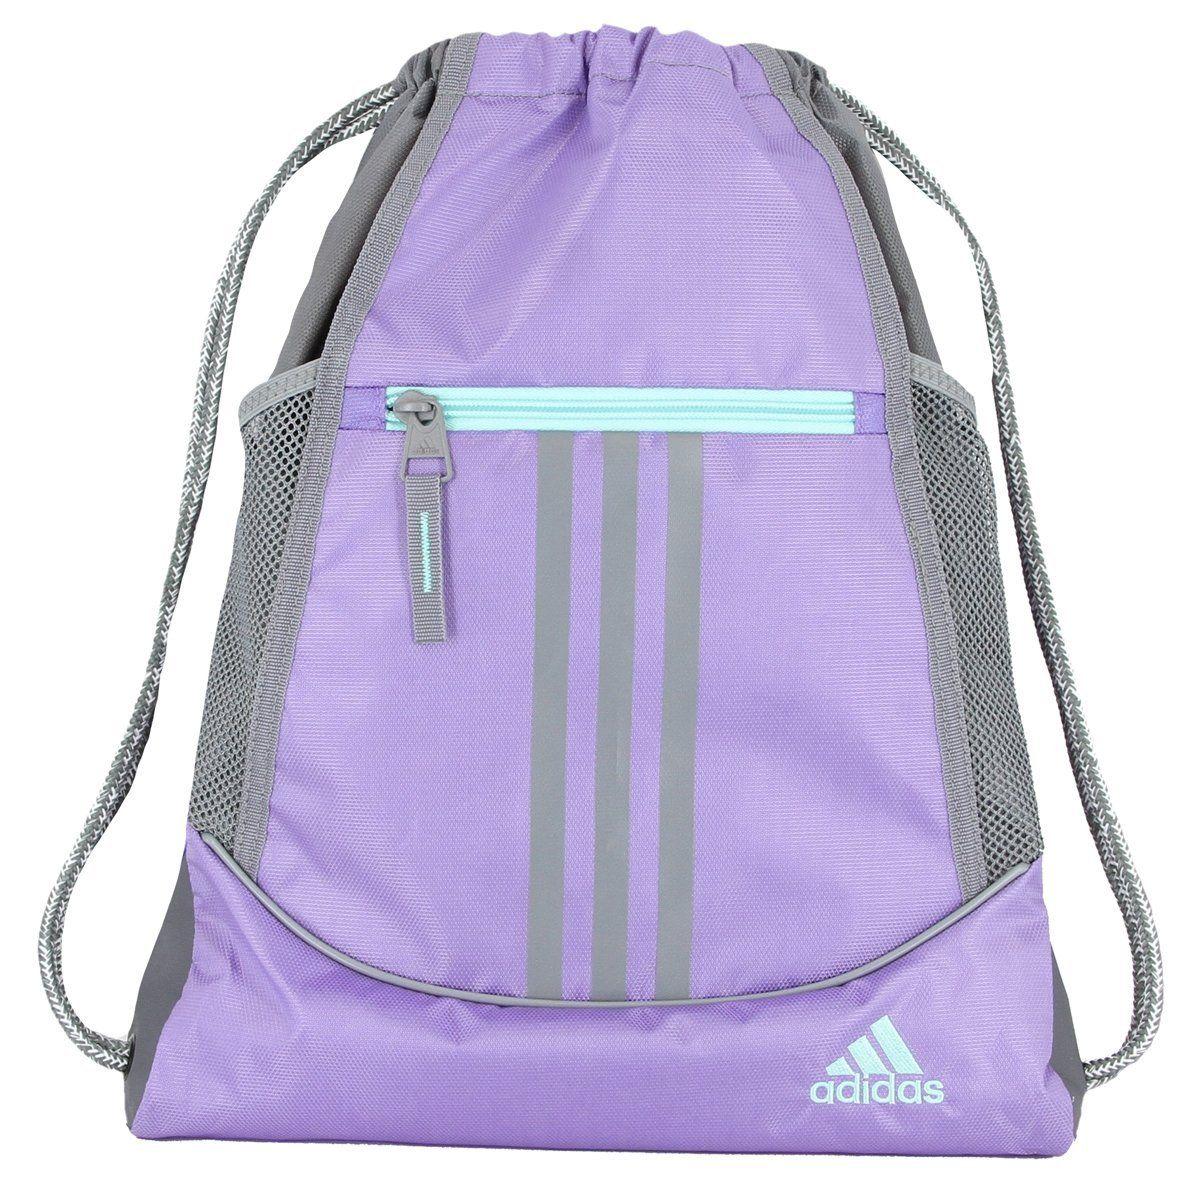 8a2843ef03a2 Lavender Light Purple Backpack